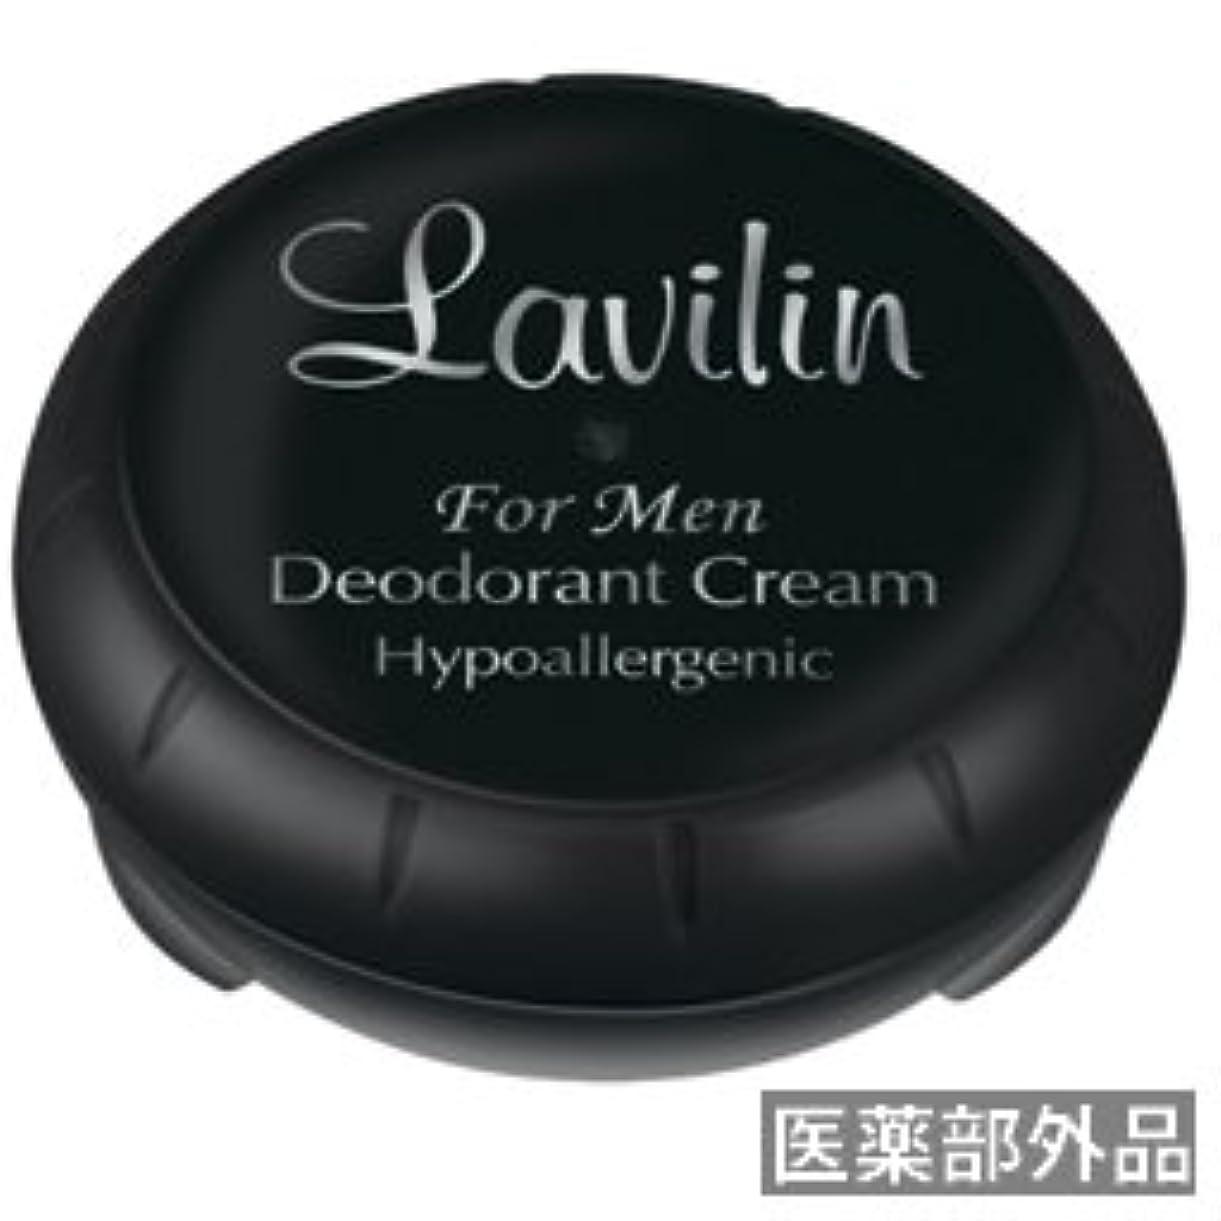 理容室スラダム美容師メンズラヴィリン 12.5g「デオドラントクリームラヴィリン」からメンズタイプ登場!ワキ?アシのニオイをしっかり消臭!